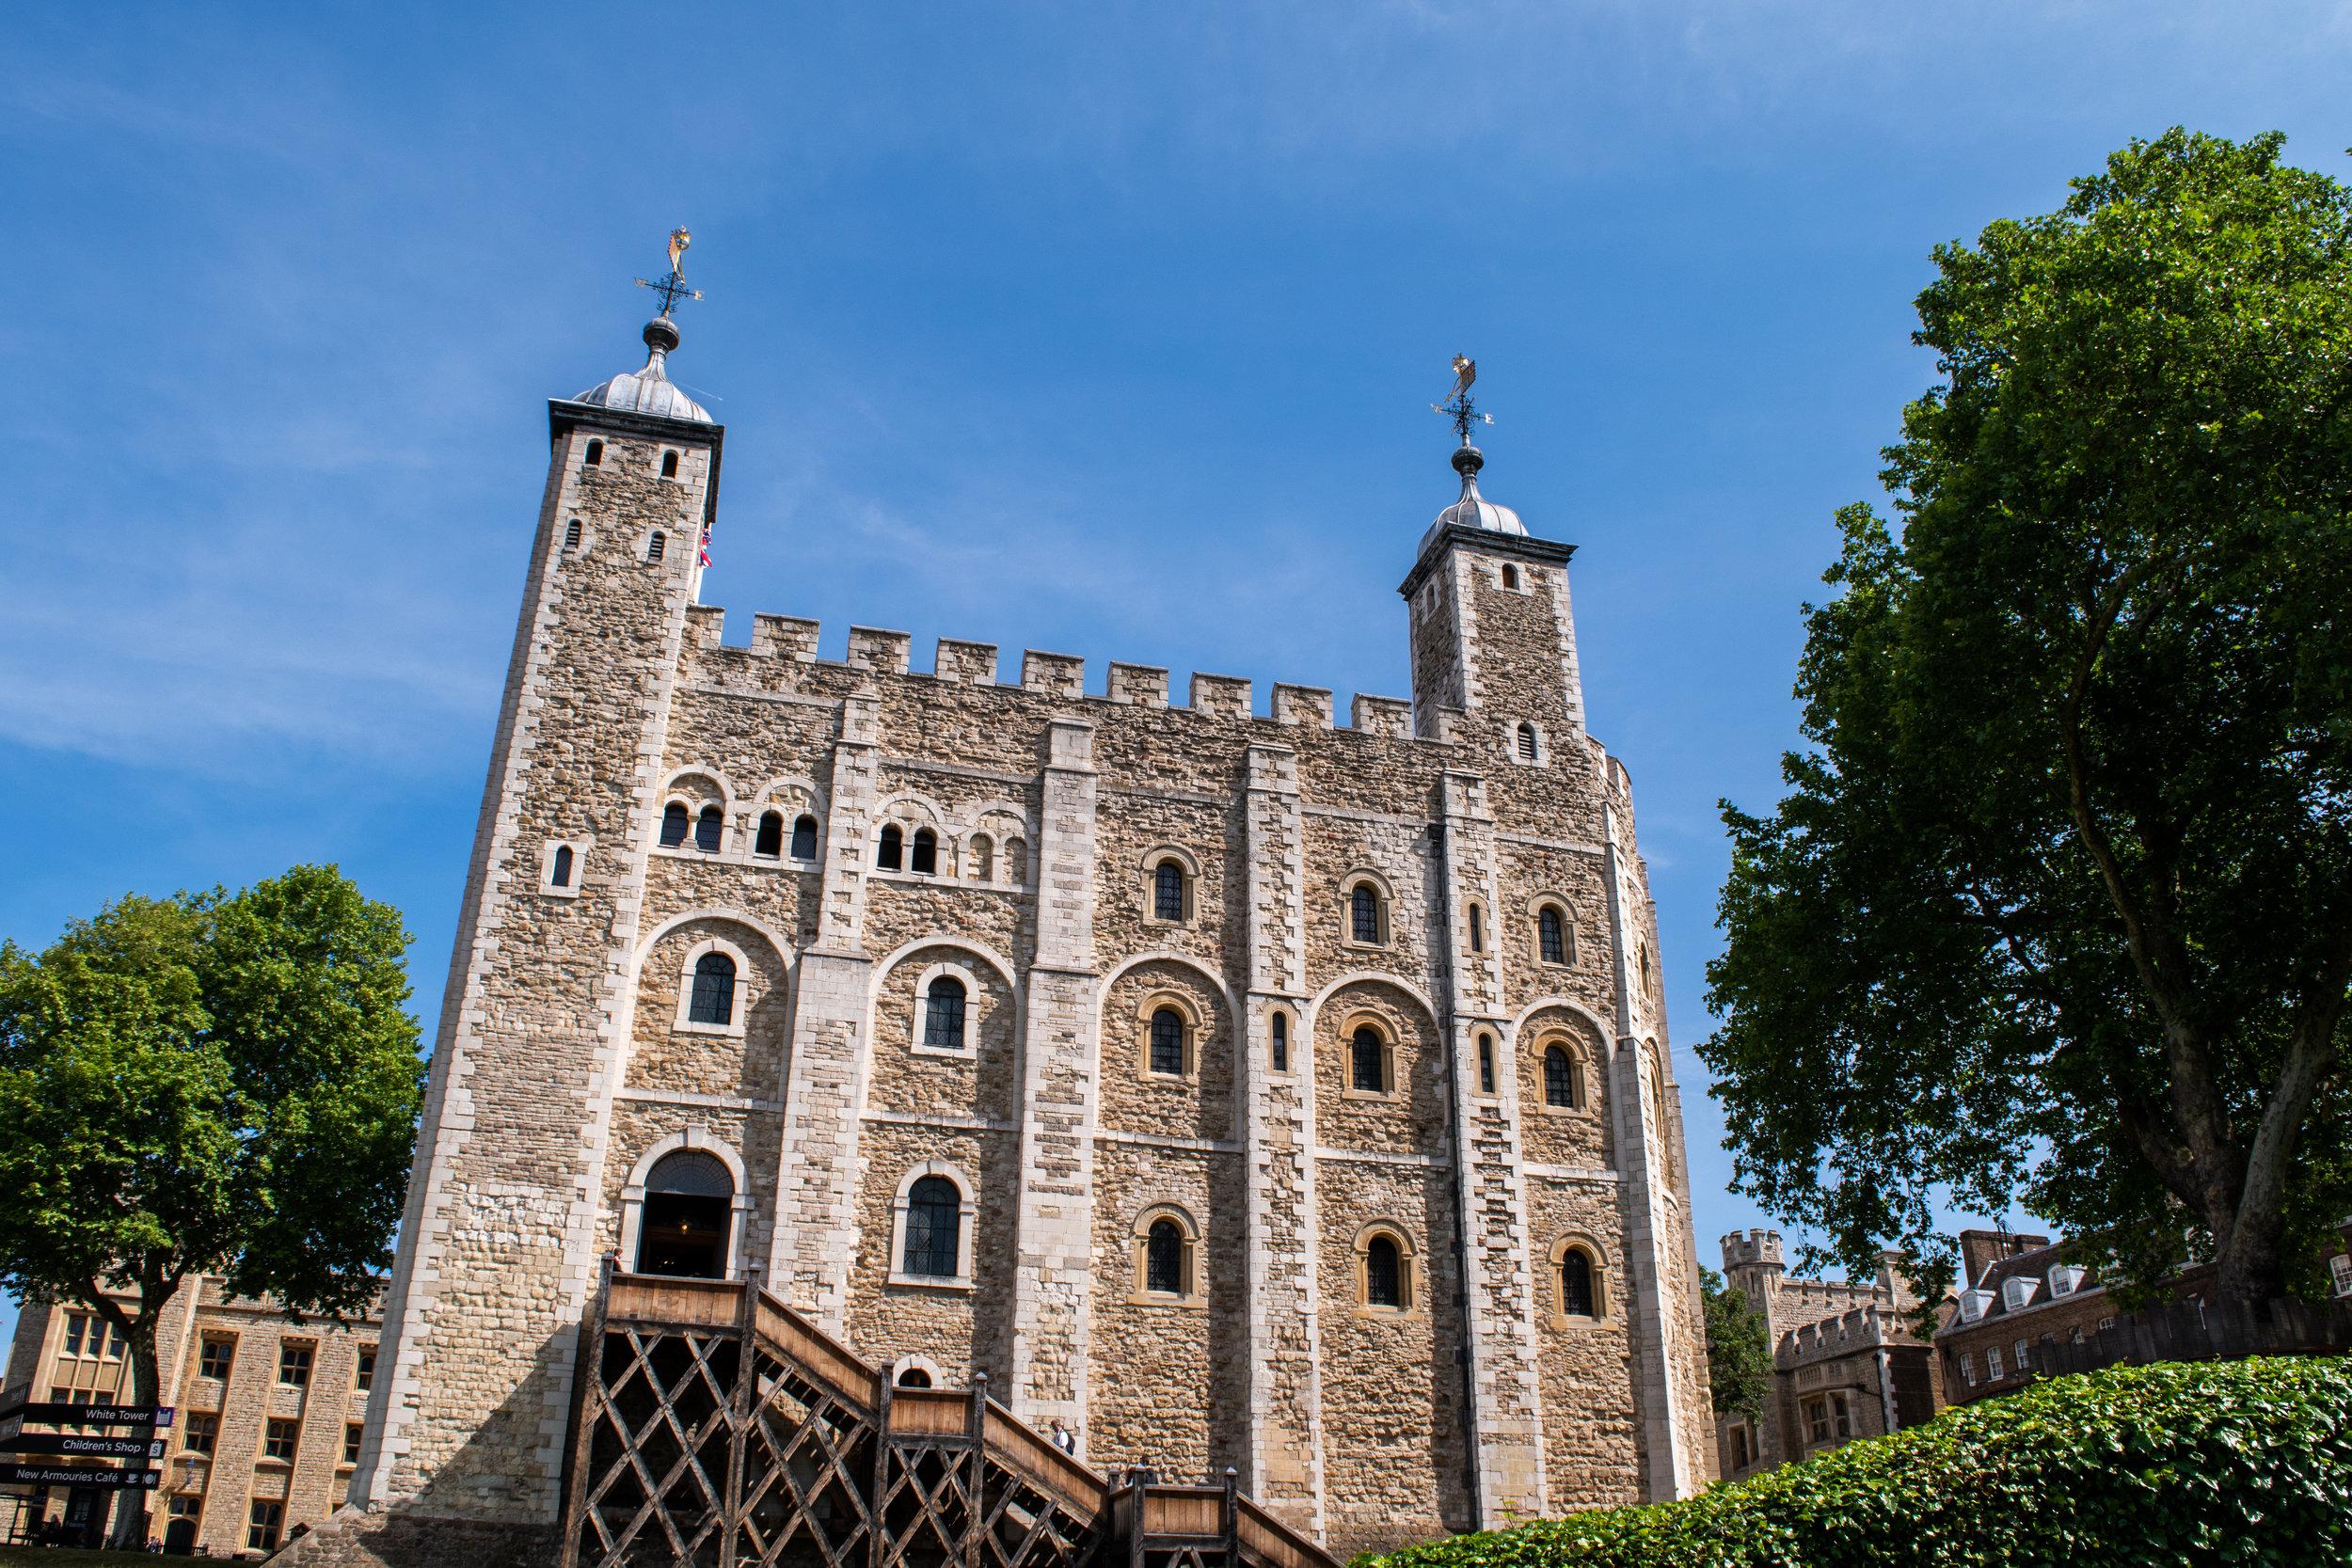 tower of london 6 jpg.jpg